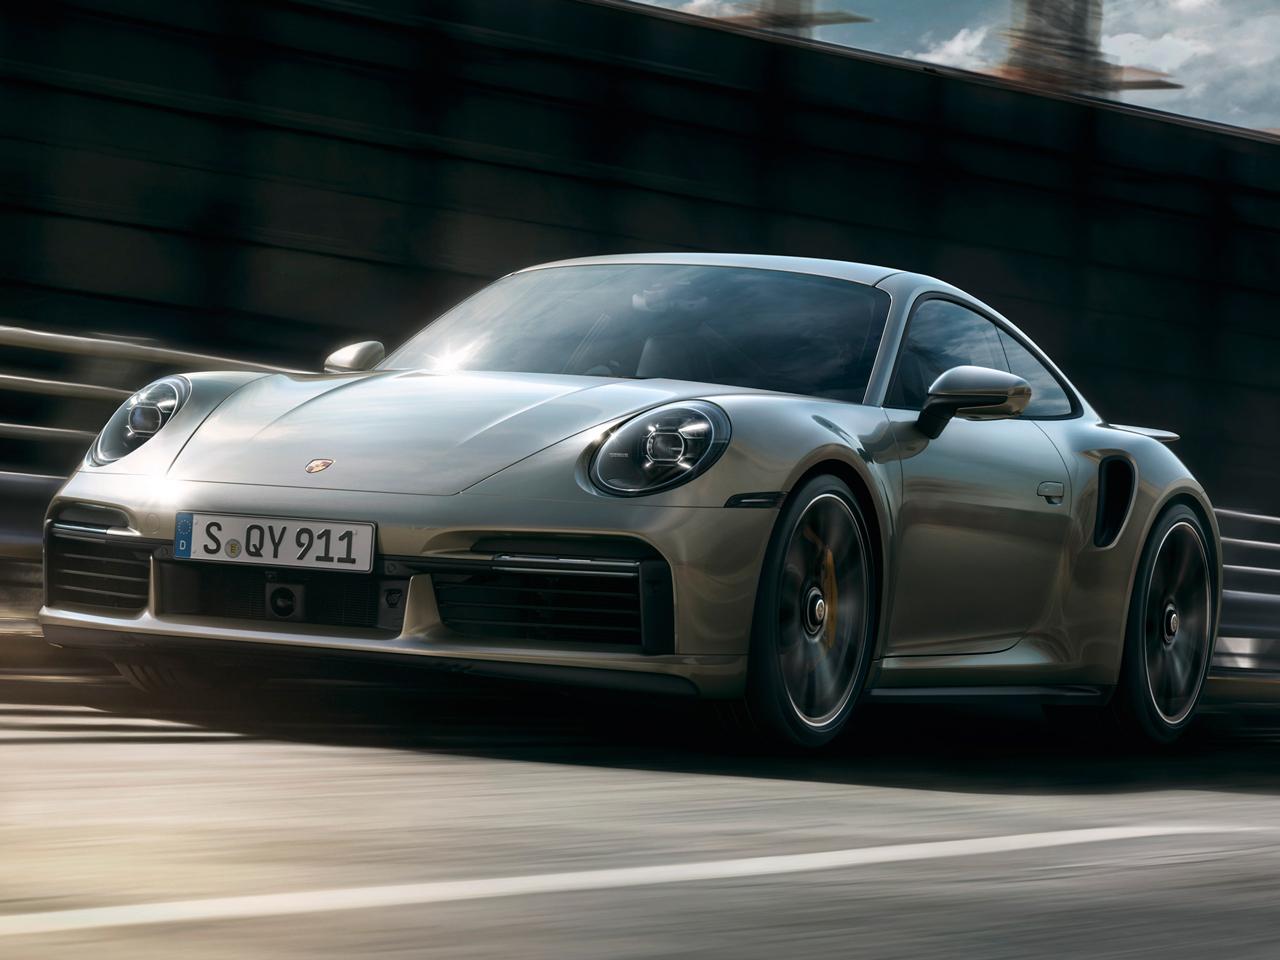 ポルシェ 911ターボ 2020年モデル 新車画像